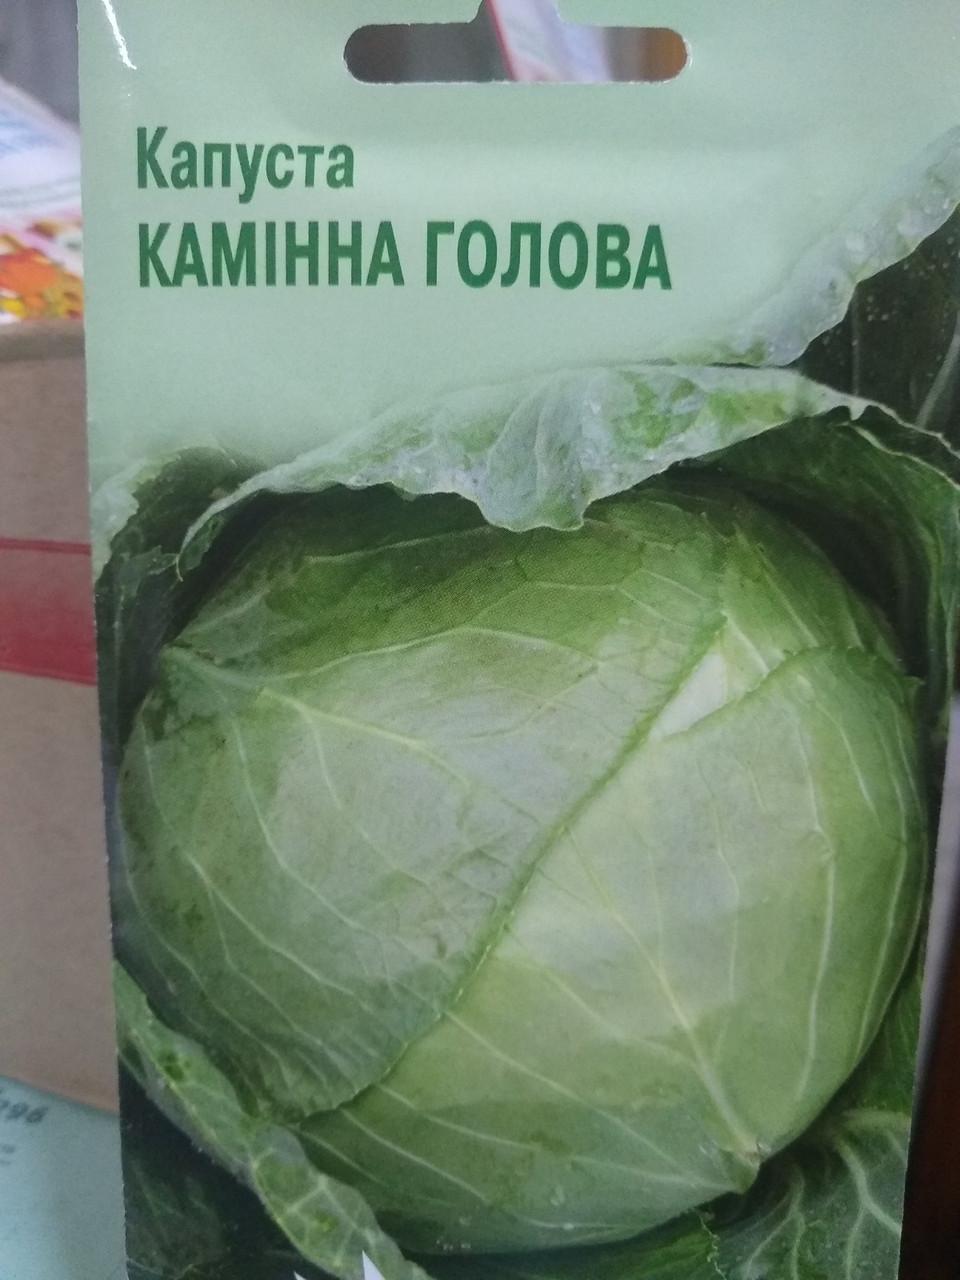 Семена капусты белокачанной позднеспелой Каменная голова для хранения 0.5 грамм =150 семян,